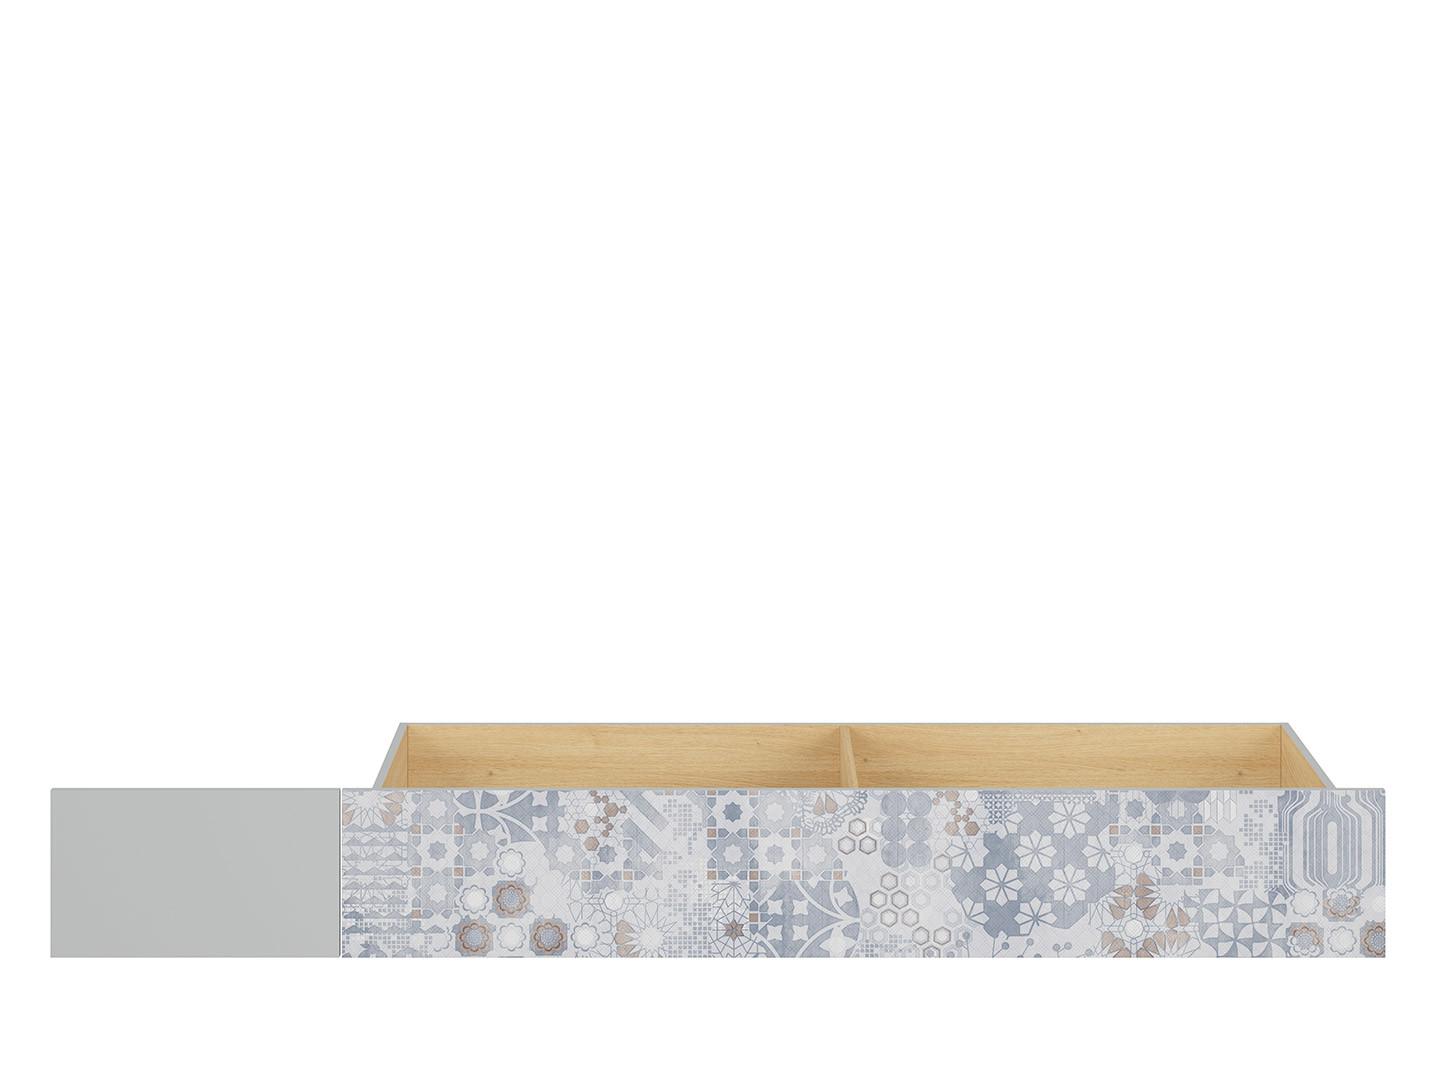 Zásuvka pod posteľ NANDU SZU svetlosivá/ dub poľský/ arabesk